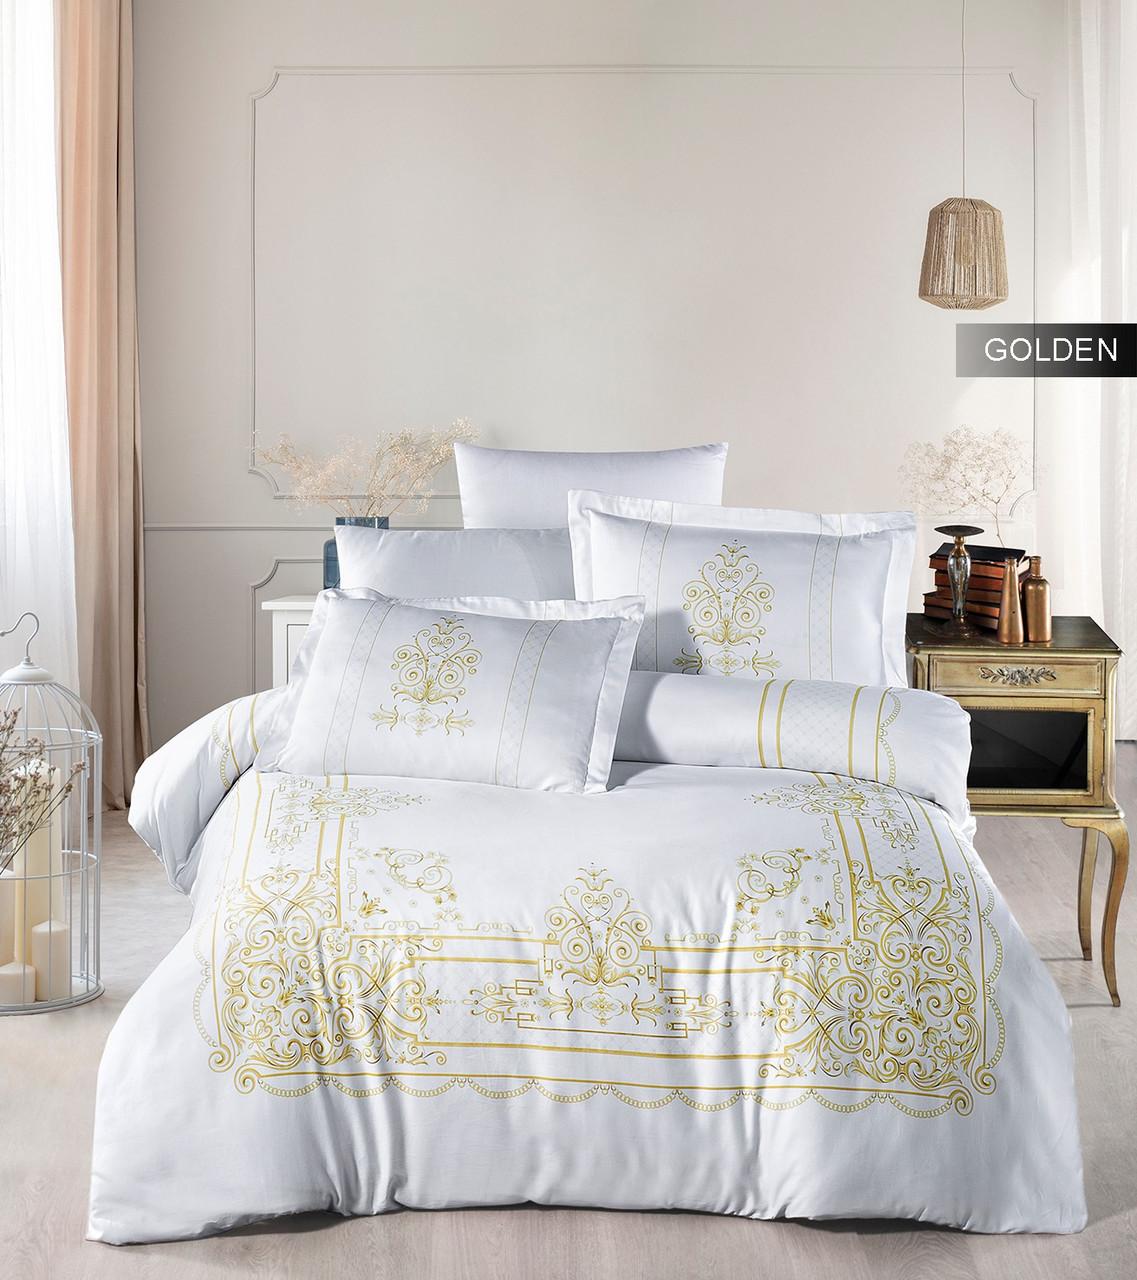 Комплект постельного белья Ecosse Сатин 200х220 Golden